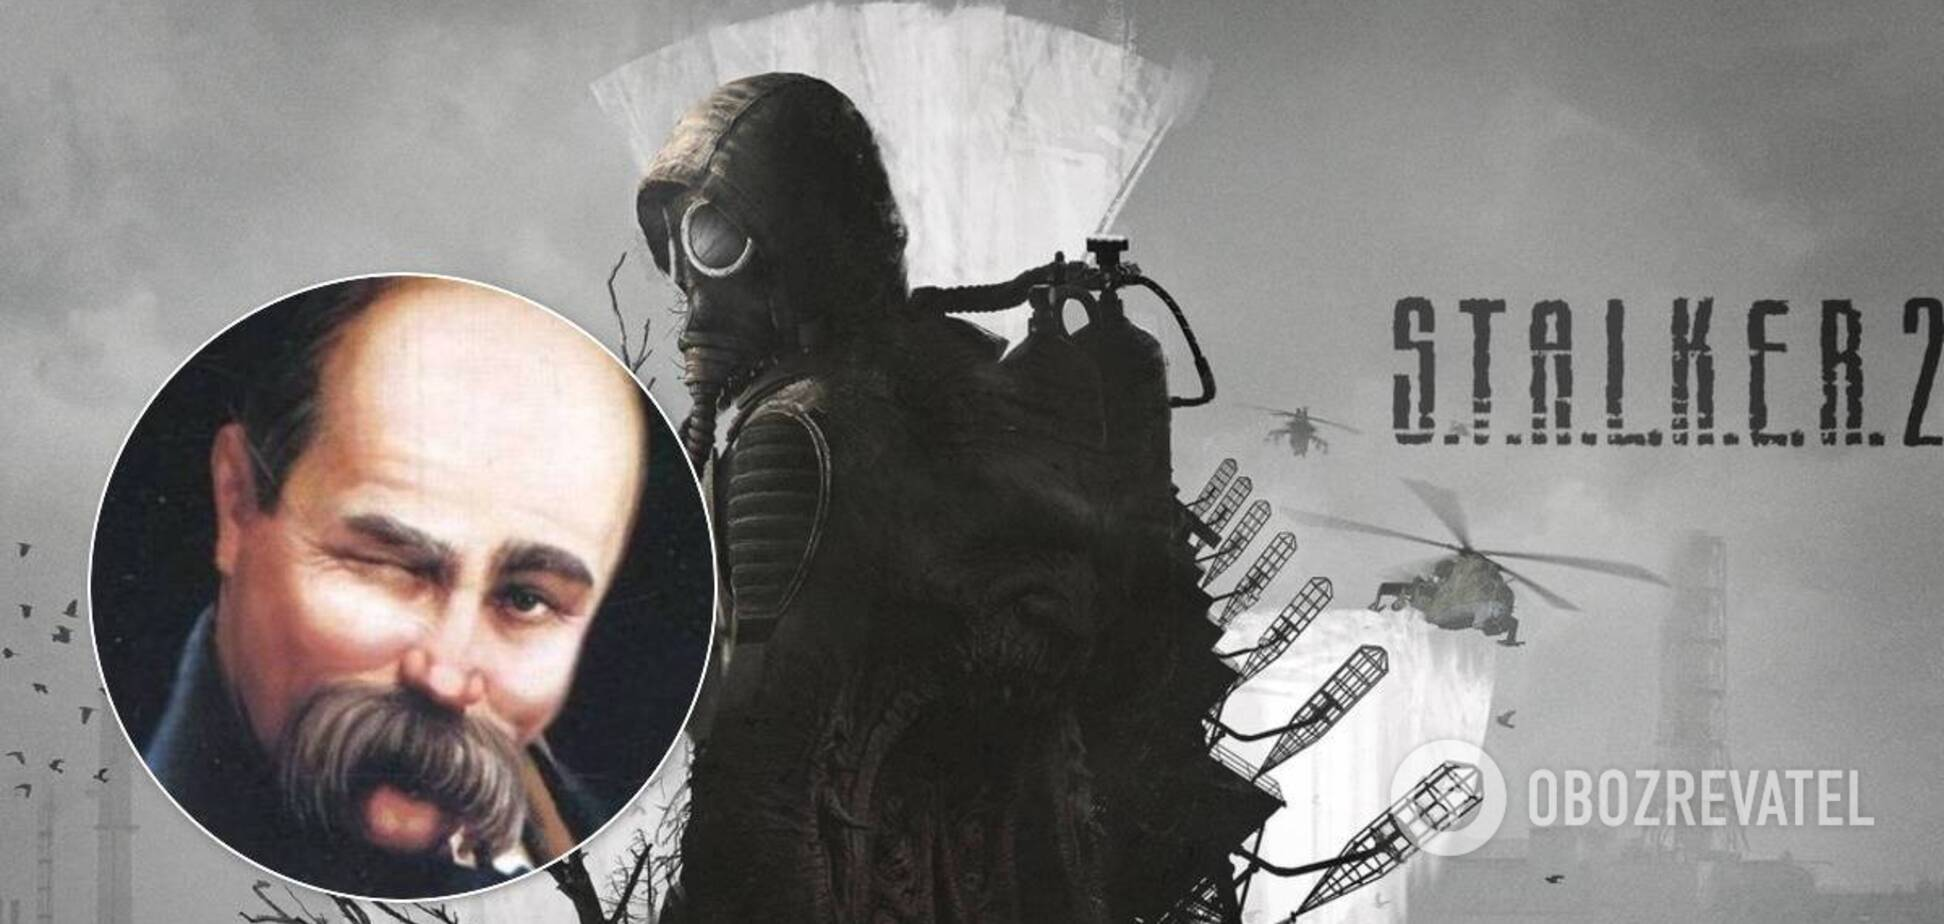 В трейлере игры S.T.A.L.K.E.R. 2 замечена отсылка к творчеству Шевченко